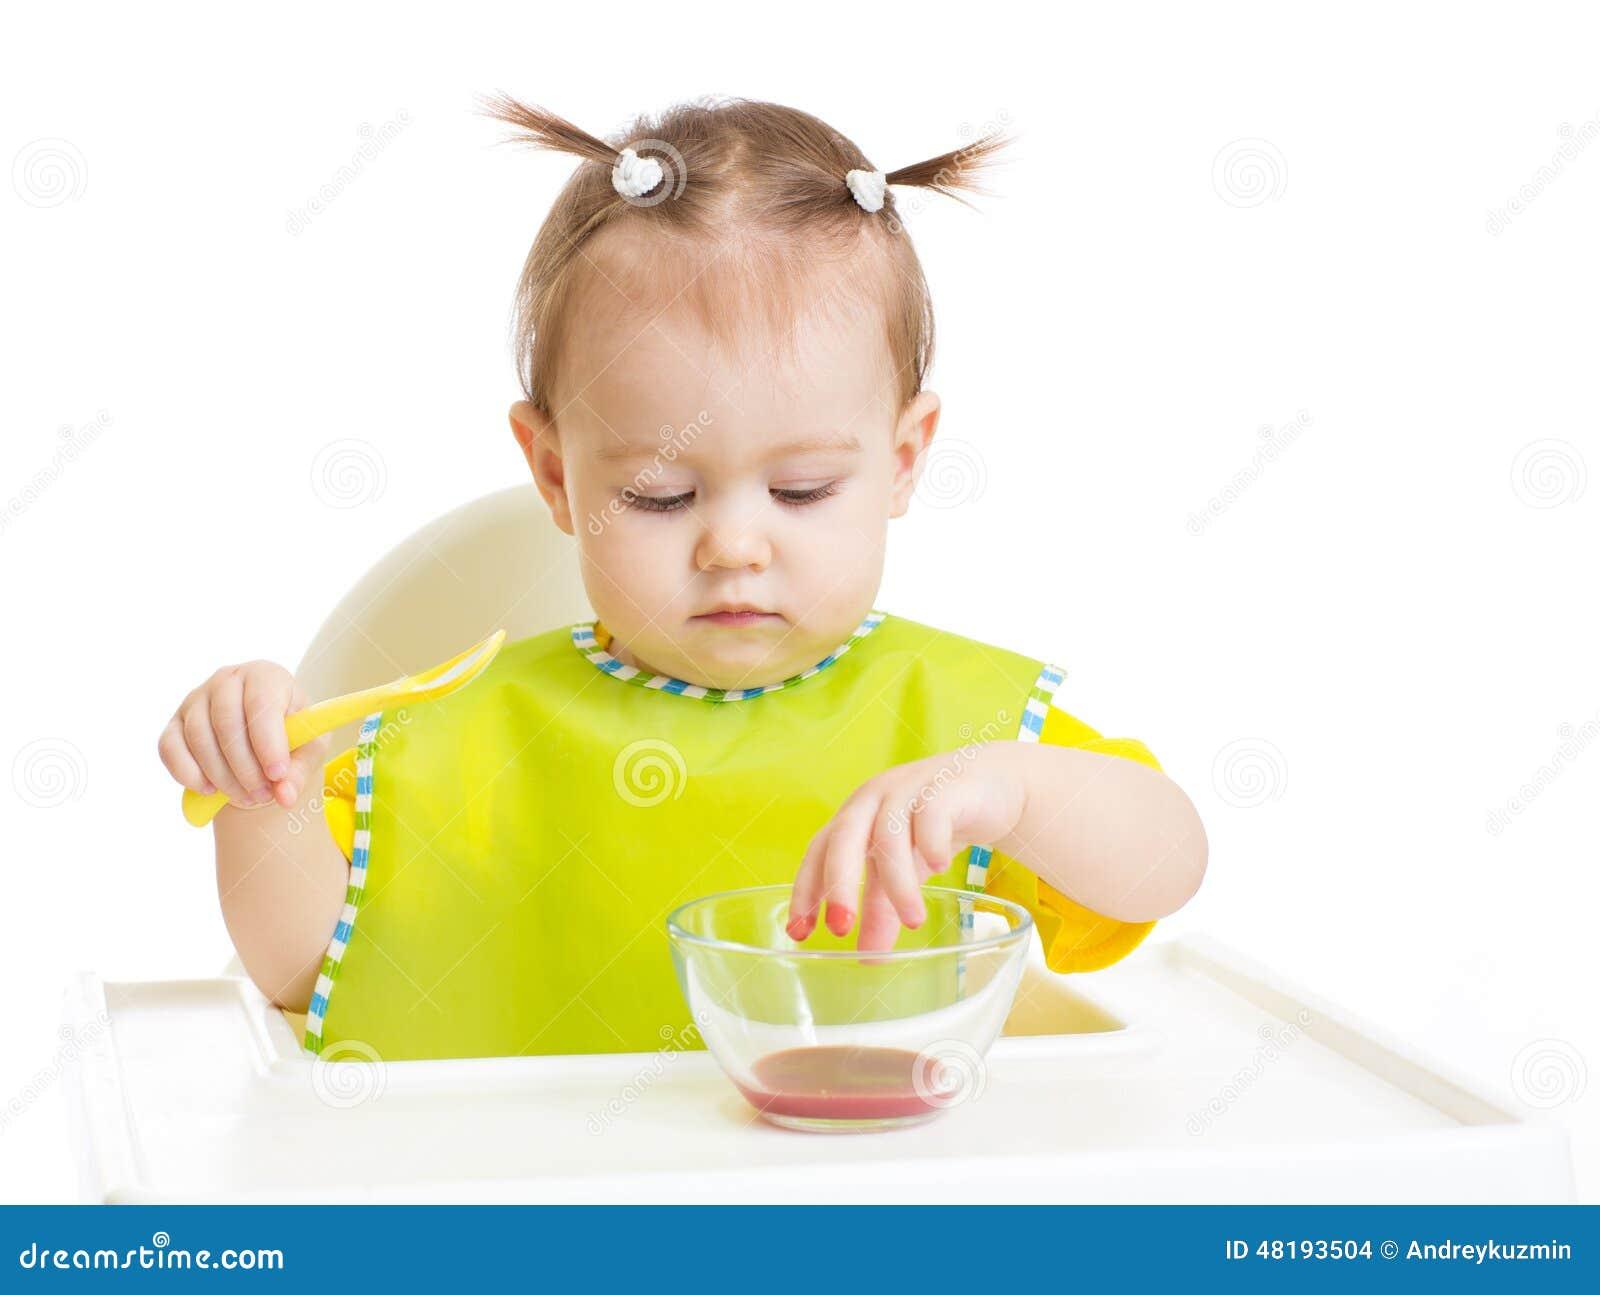 Babyessen und gesetzte Finger in das Lebensmittel, das an sitzt